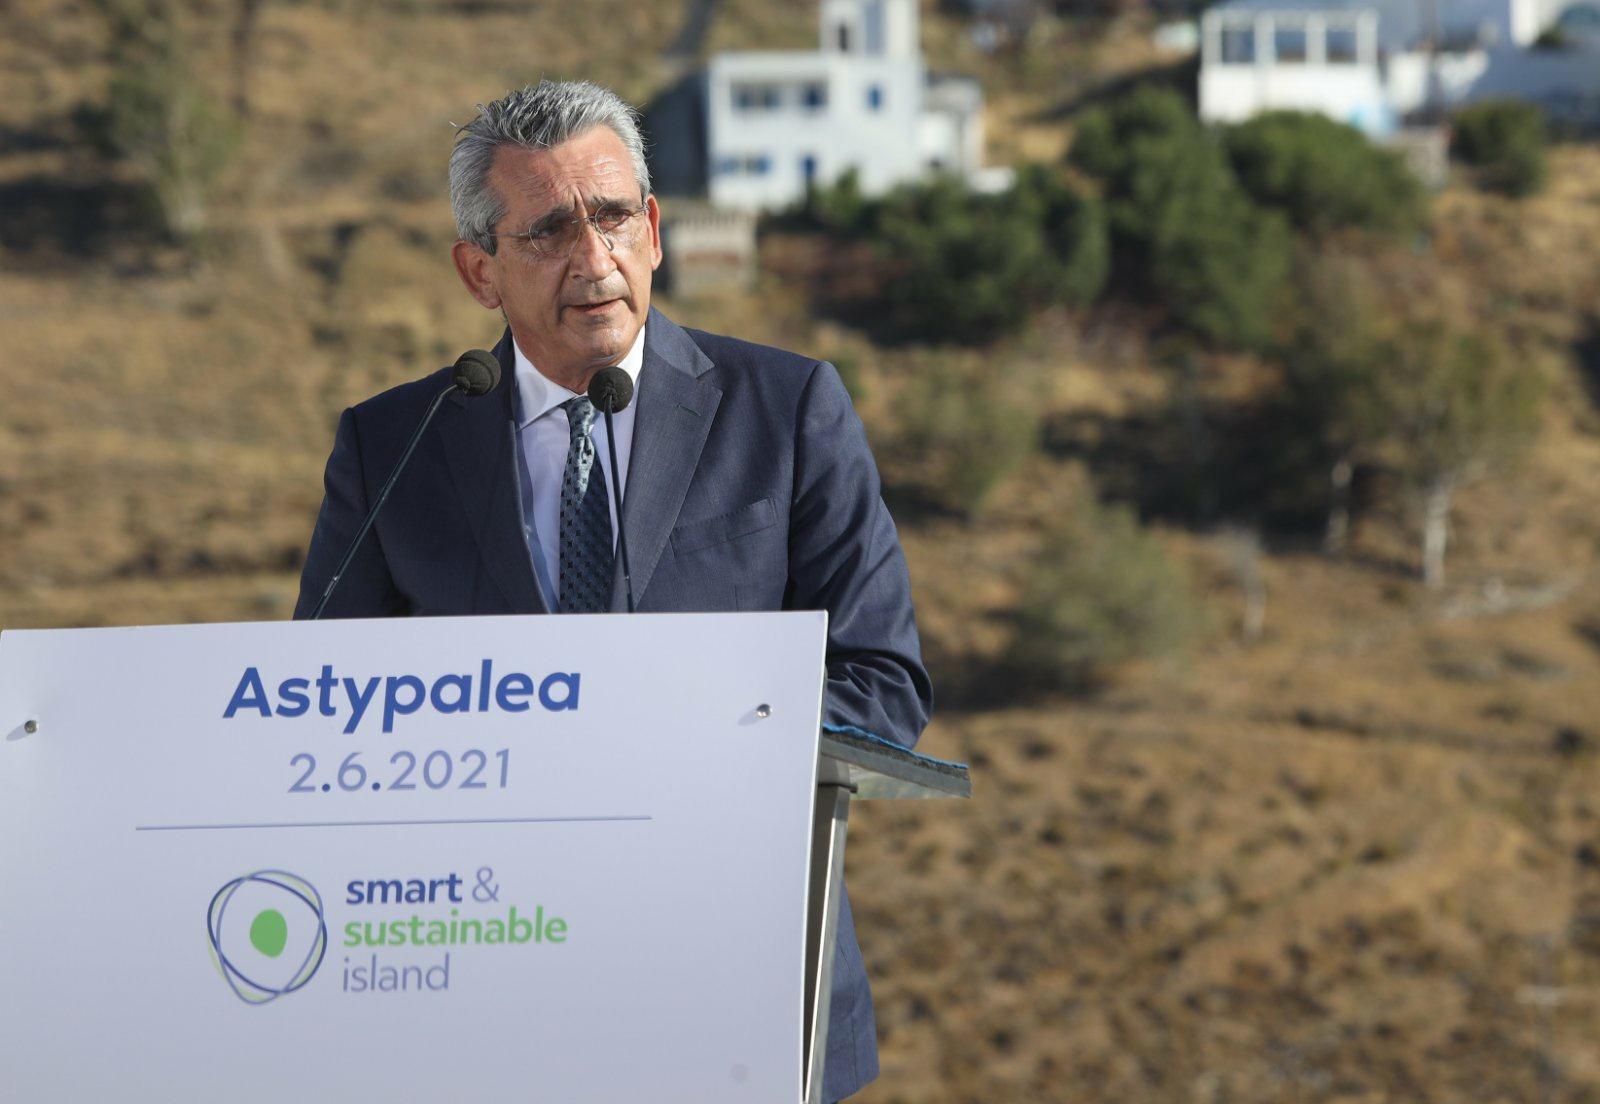 Το Νότιο Αιγαίο γίνεται φάρος καινοτομίας – Ο Γιώργος Χατζημάρκος στο e-ota για το πρότζεκτ GR-Eco Islands